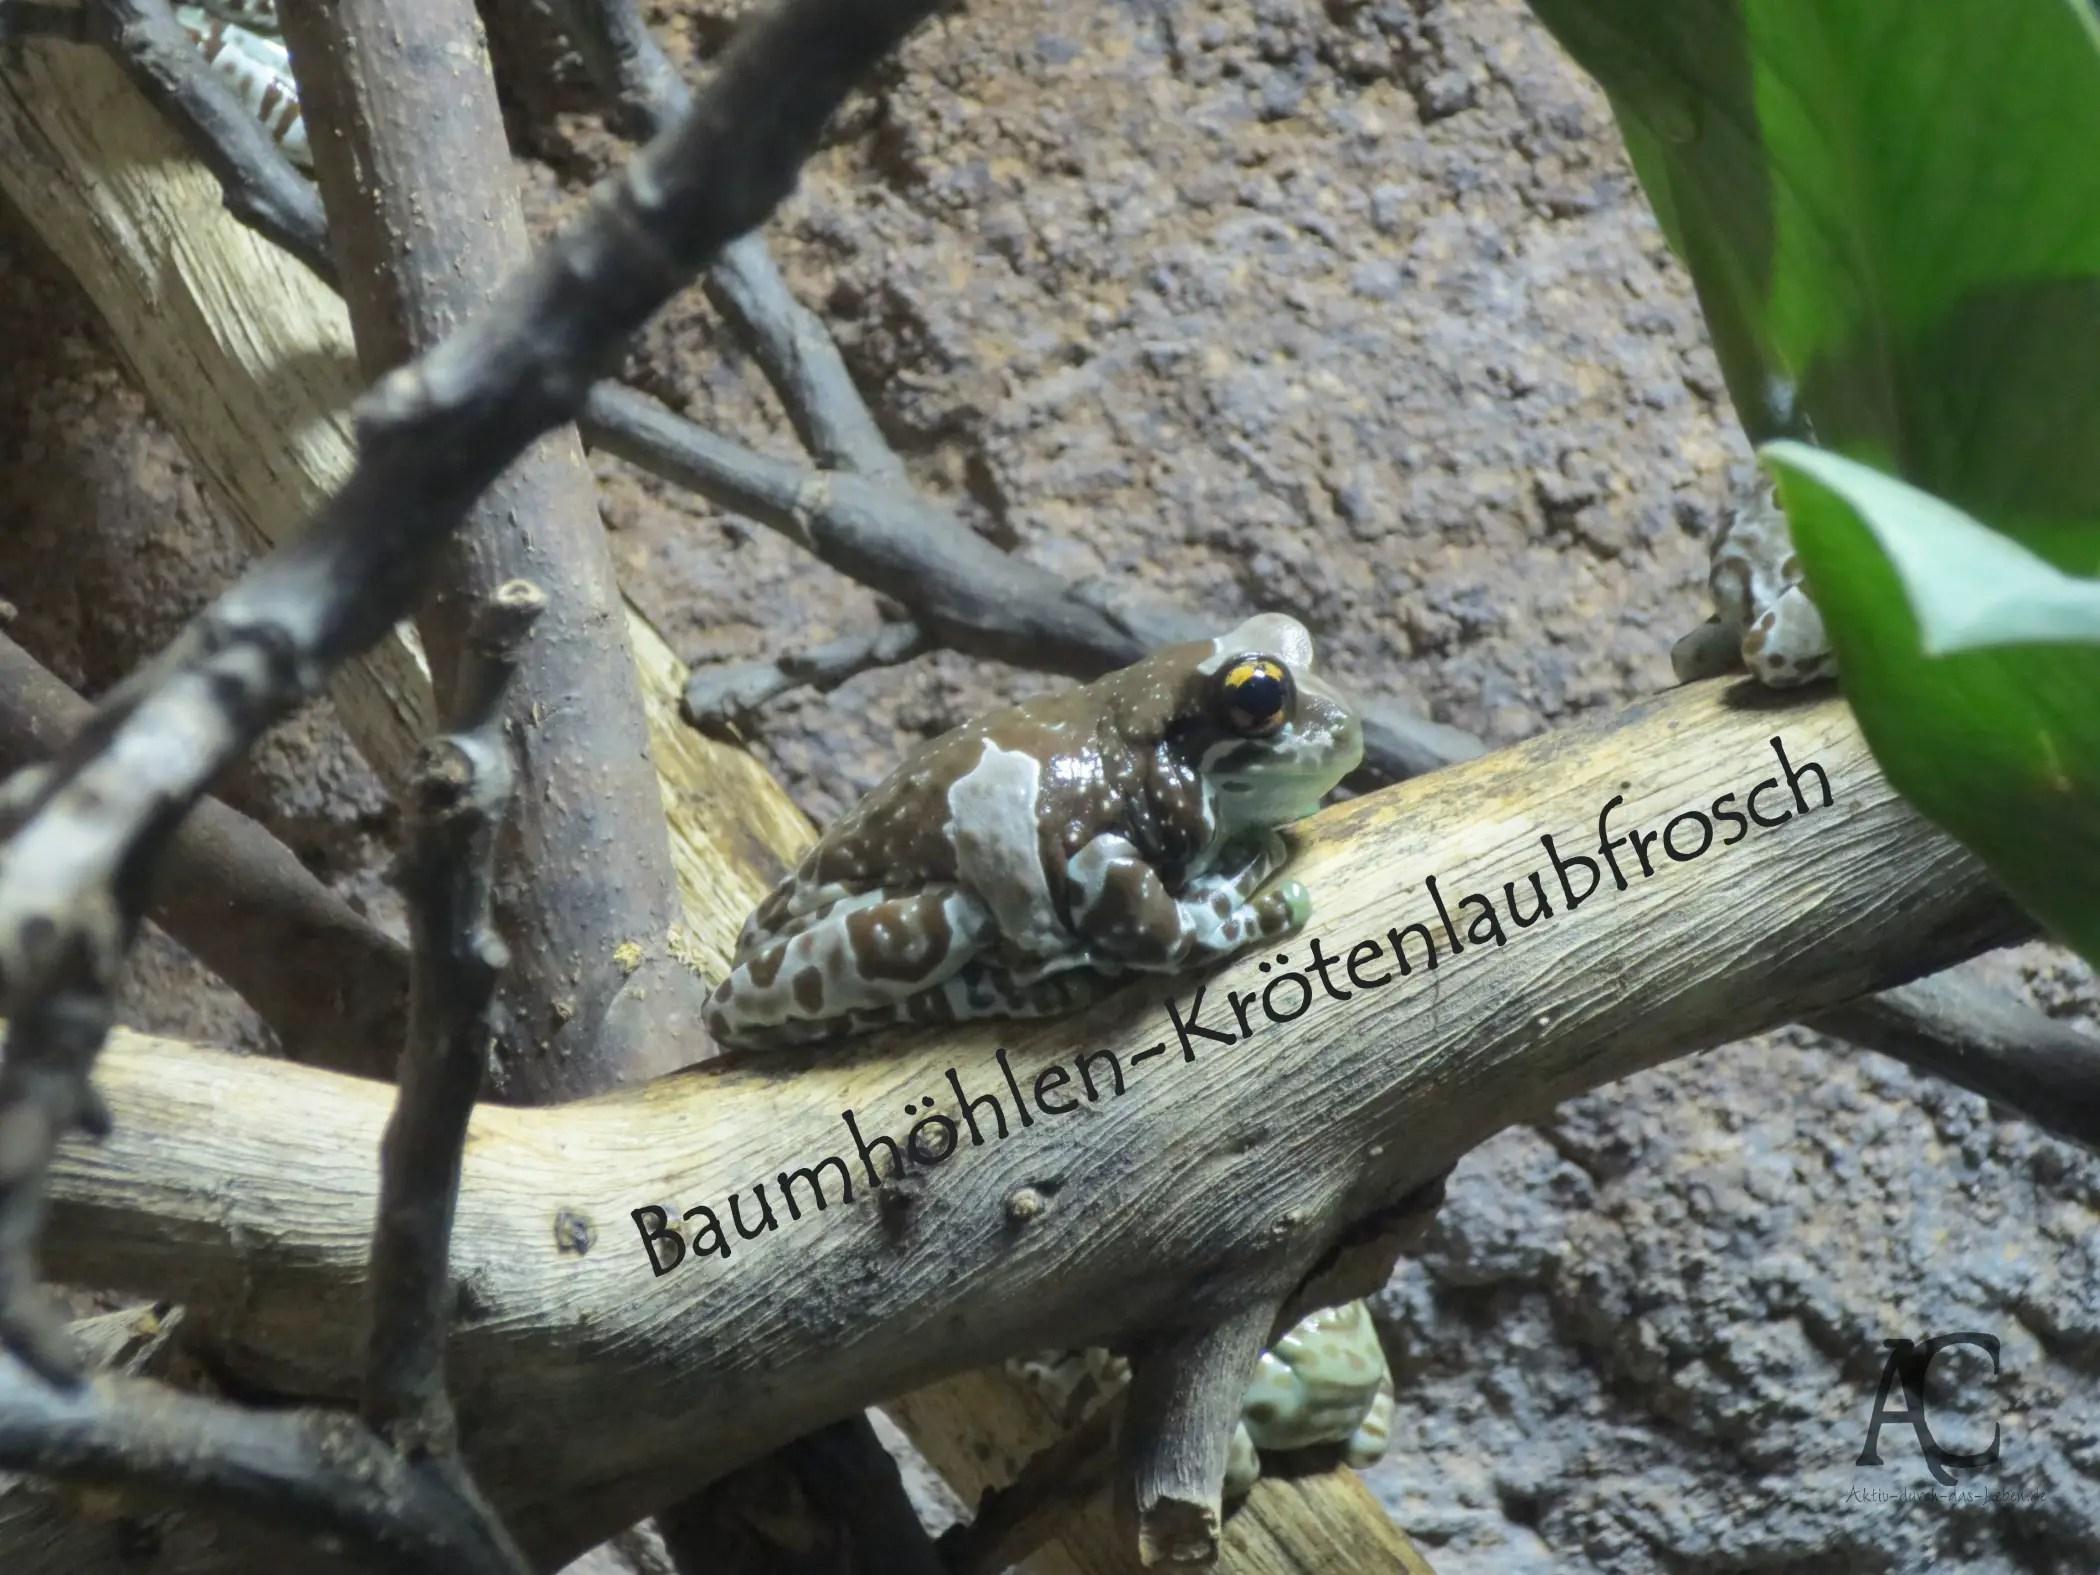 Der Baumhöhlen-Krötenlaubfrosch lebt im Regenwald und hat uns die ganze Zeit nur angegrinst.